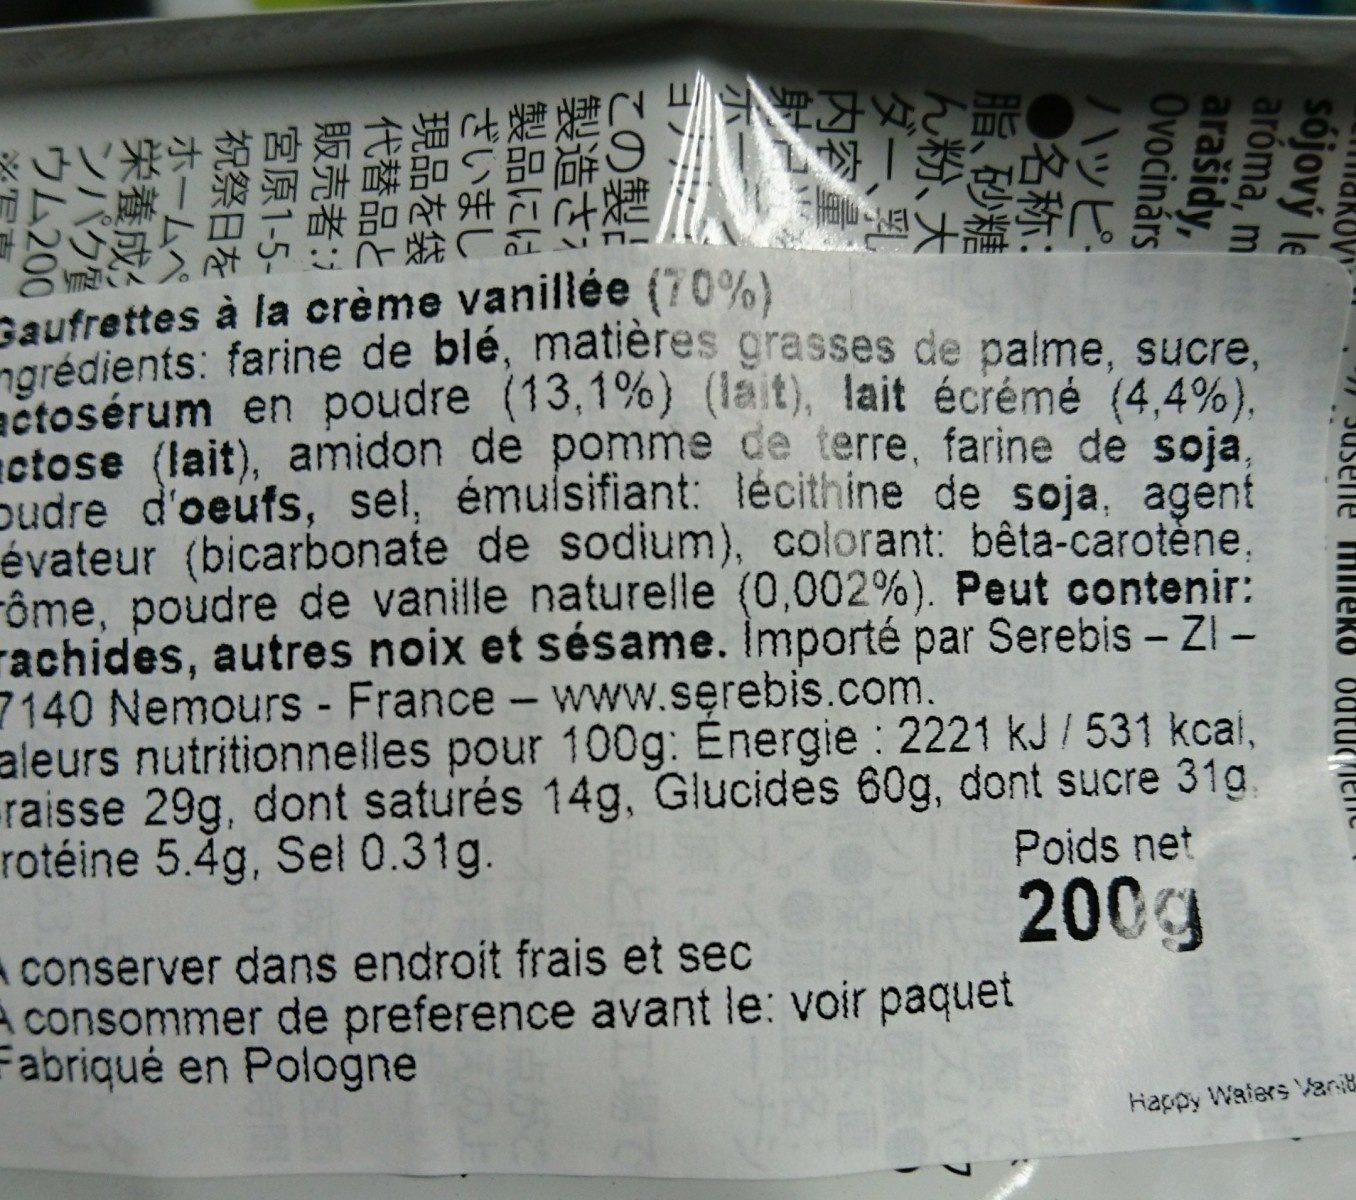 Gaufrettes vanille - Ingrédients - fr